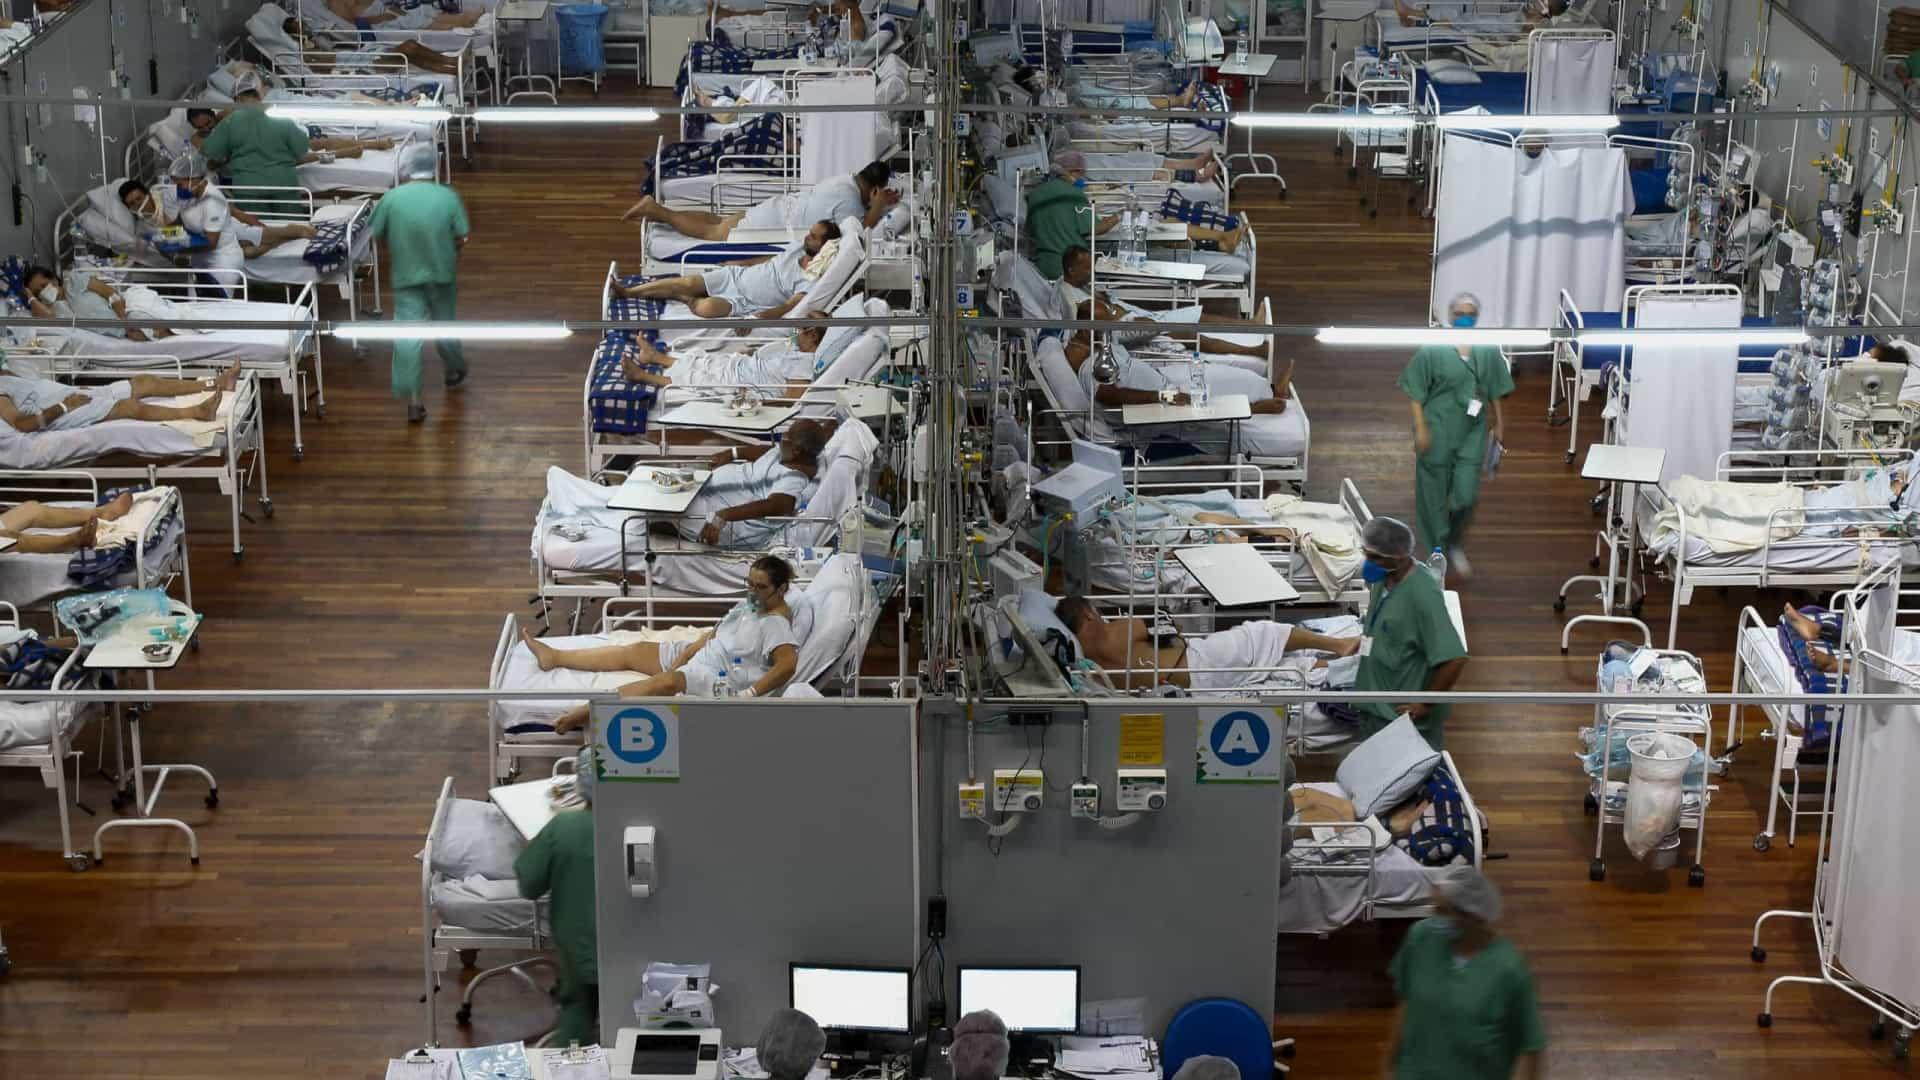 naom 6072fe2700dc0 - Covid-19: Brasil registra 67.636 novos casos e 2.929 mortes em 24h